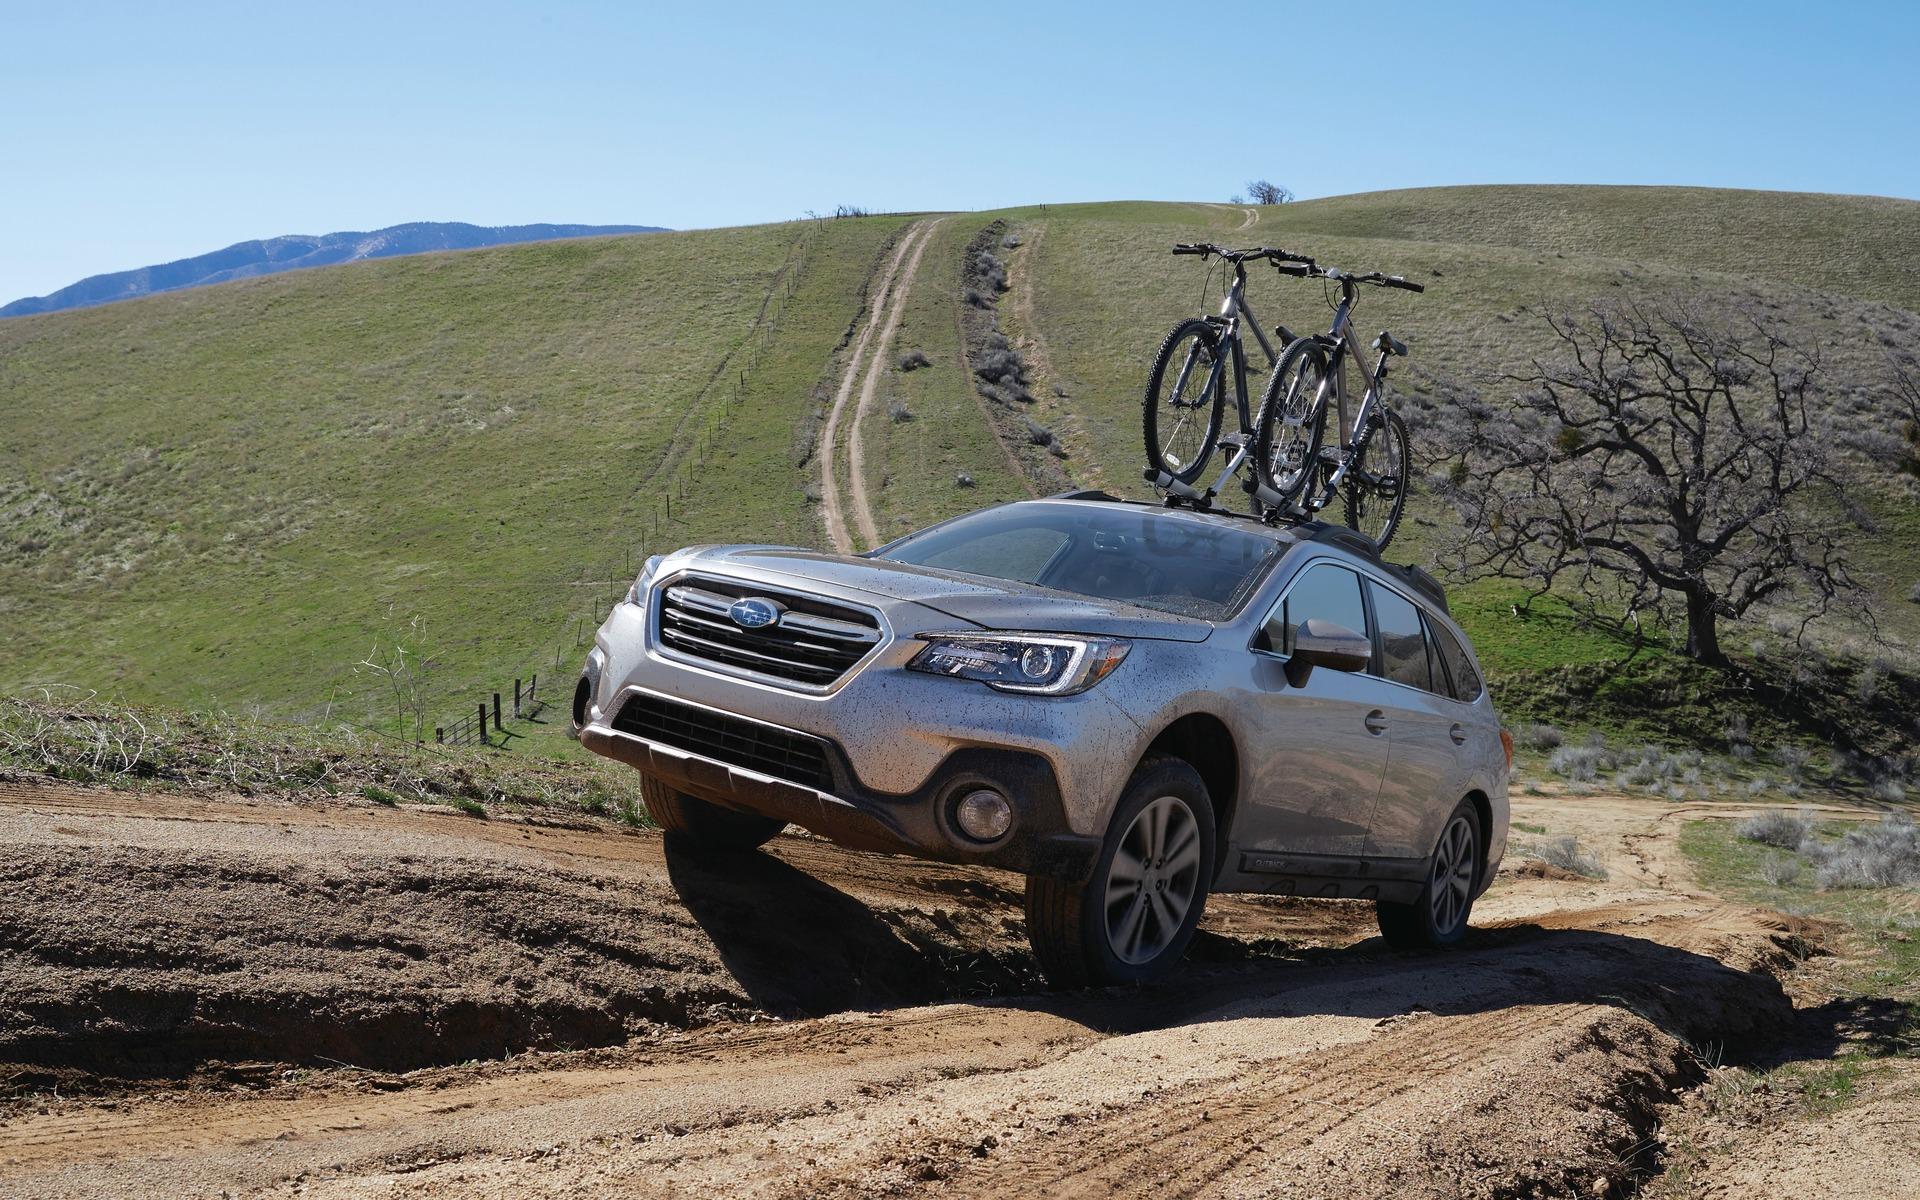 2018 Subaru Outback: Subtle Changes - 8/12